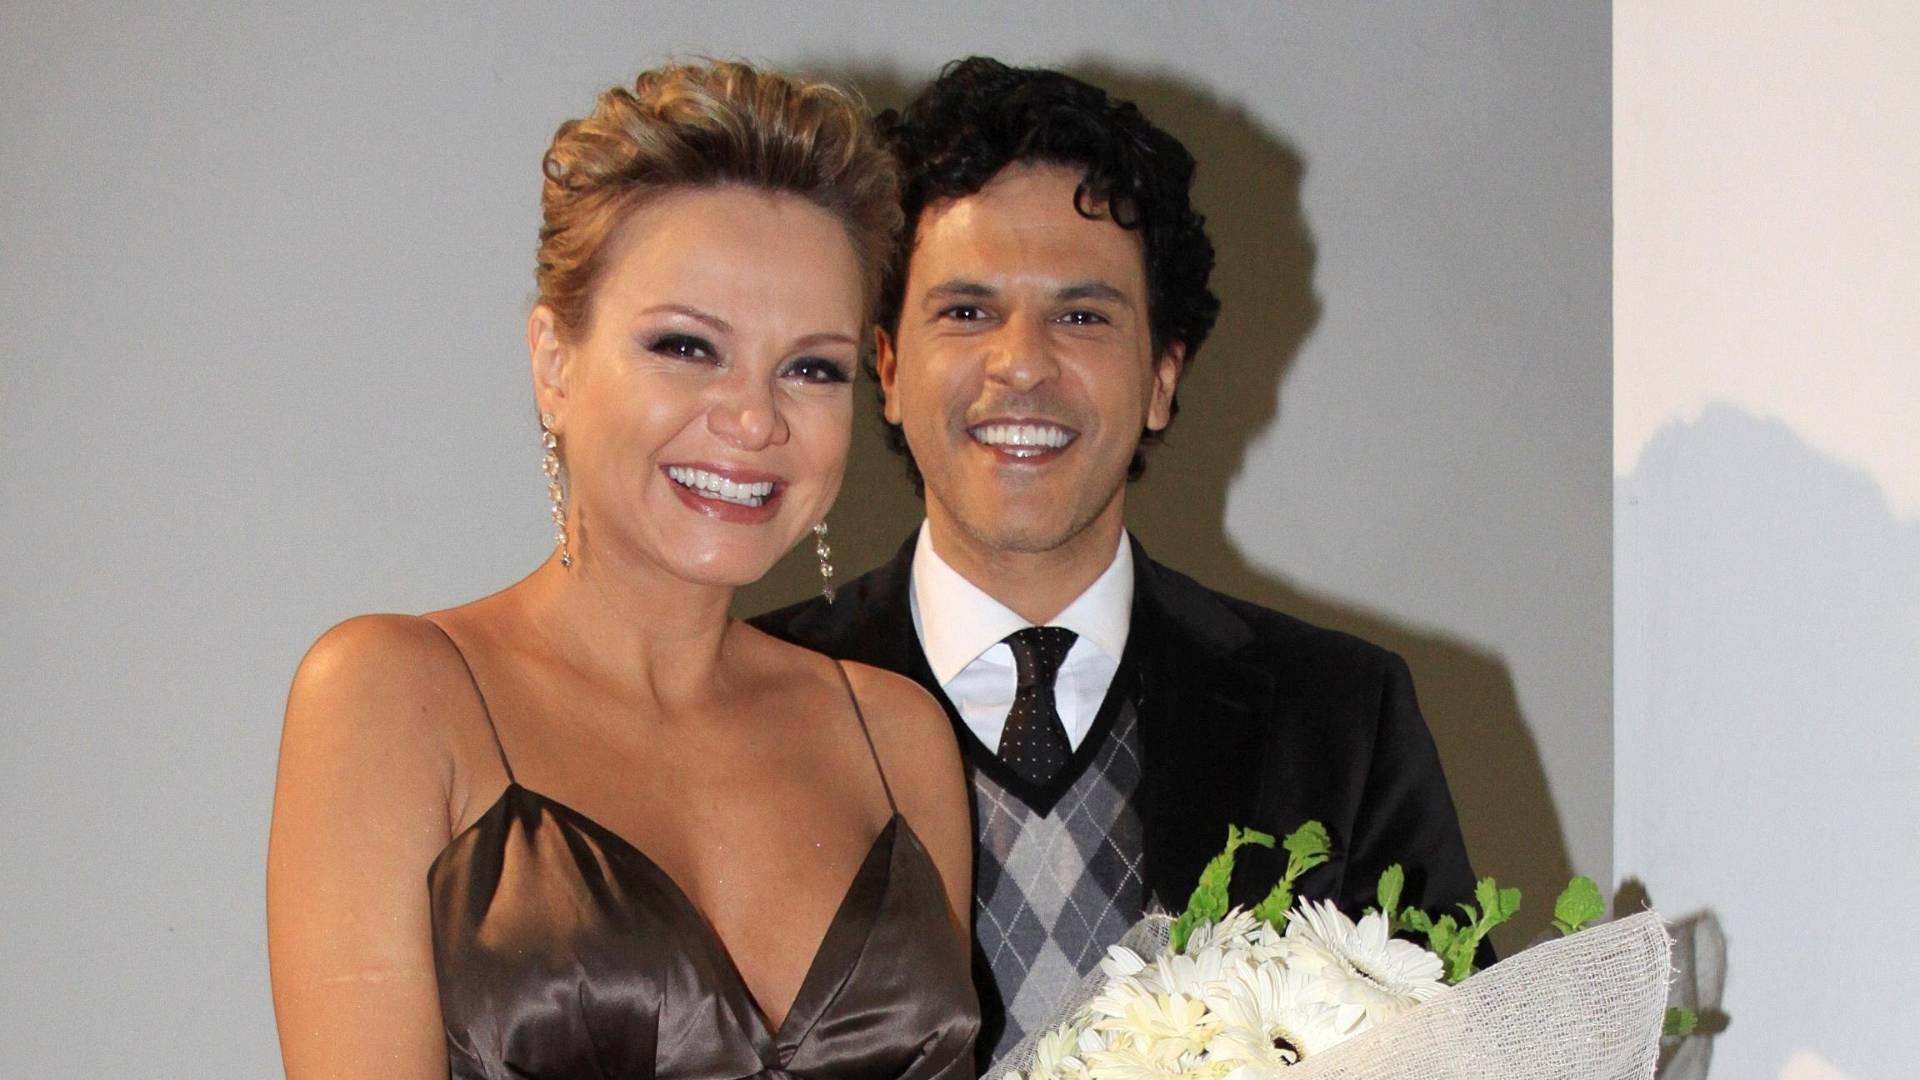 Eliana emociona-se com a surpresa de João Marcello Bôscoli, durante a gravação de seu último programa, antes de dar à luz (julho/2011)